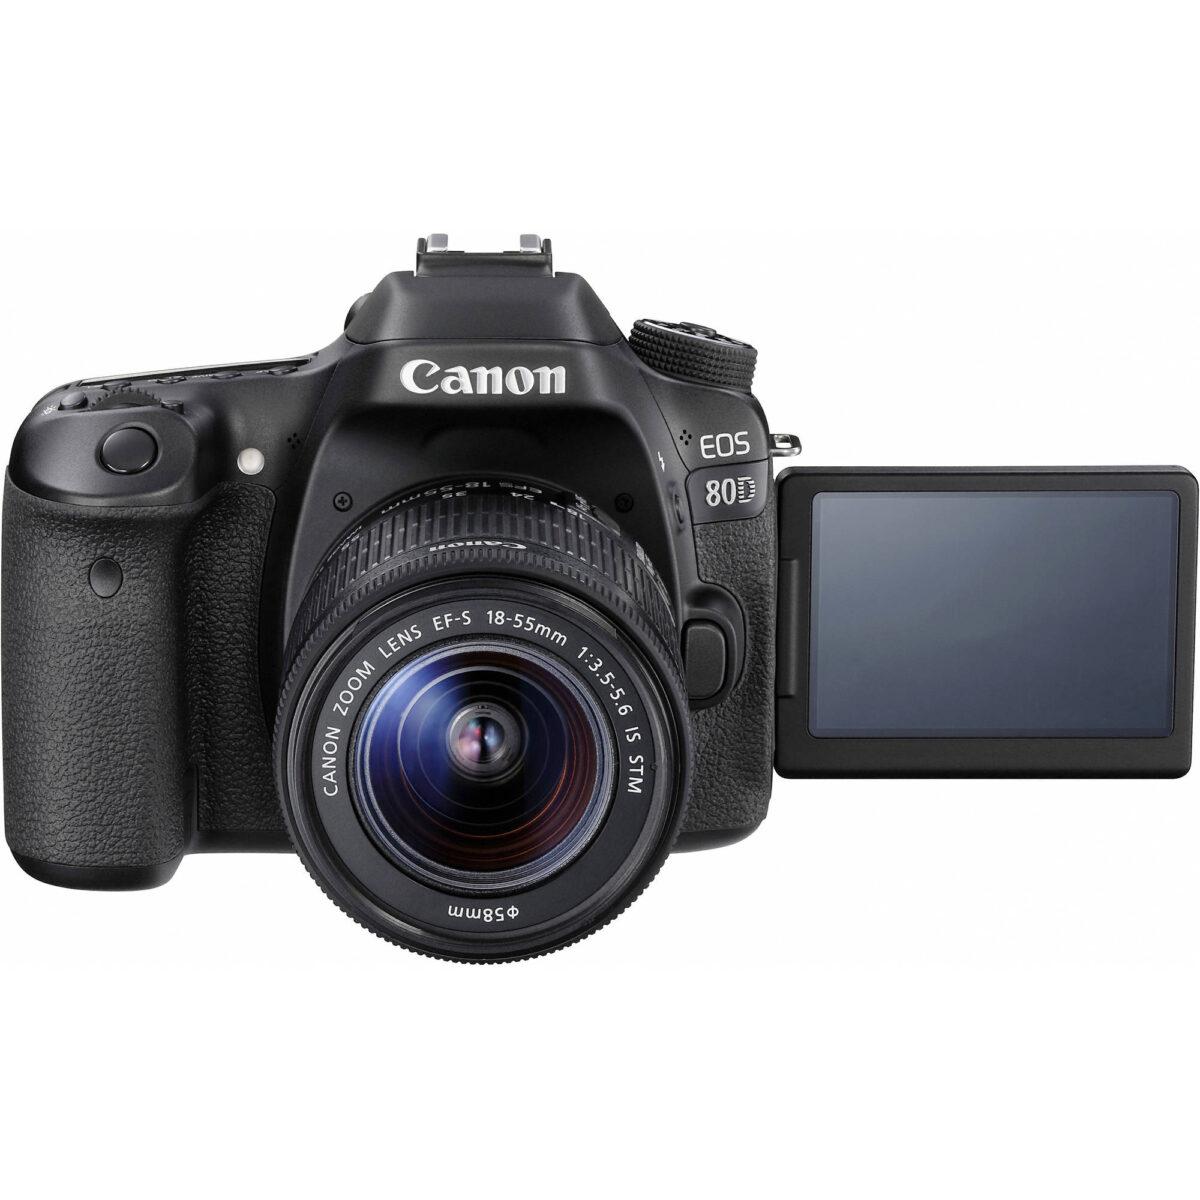 بهترین دوربین canon eos 80d در آنلاین شاپ یزد کمرا